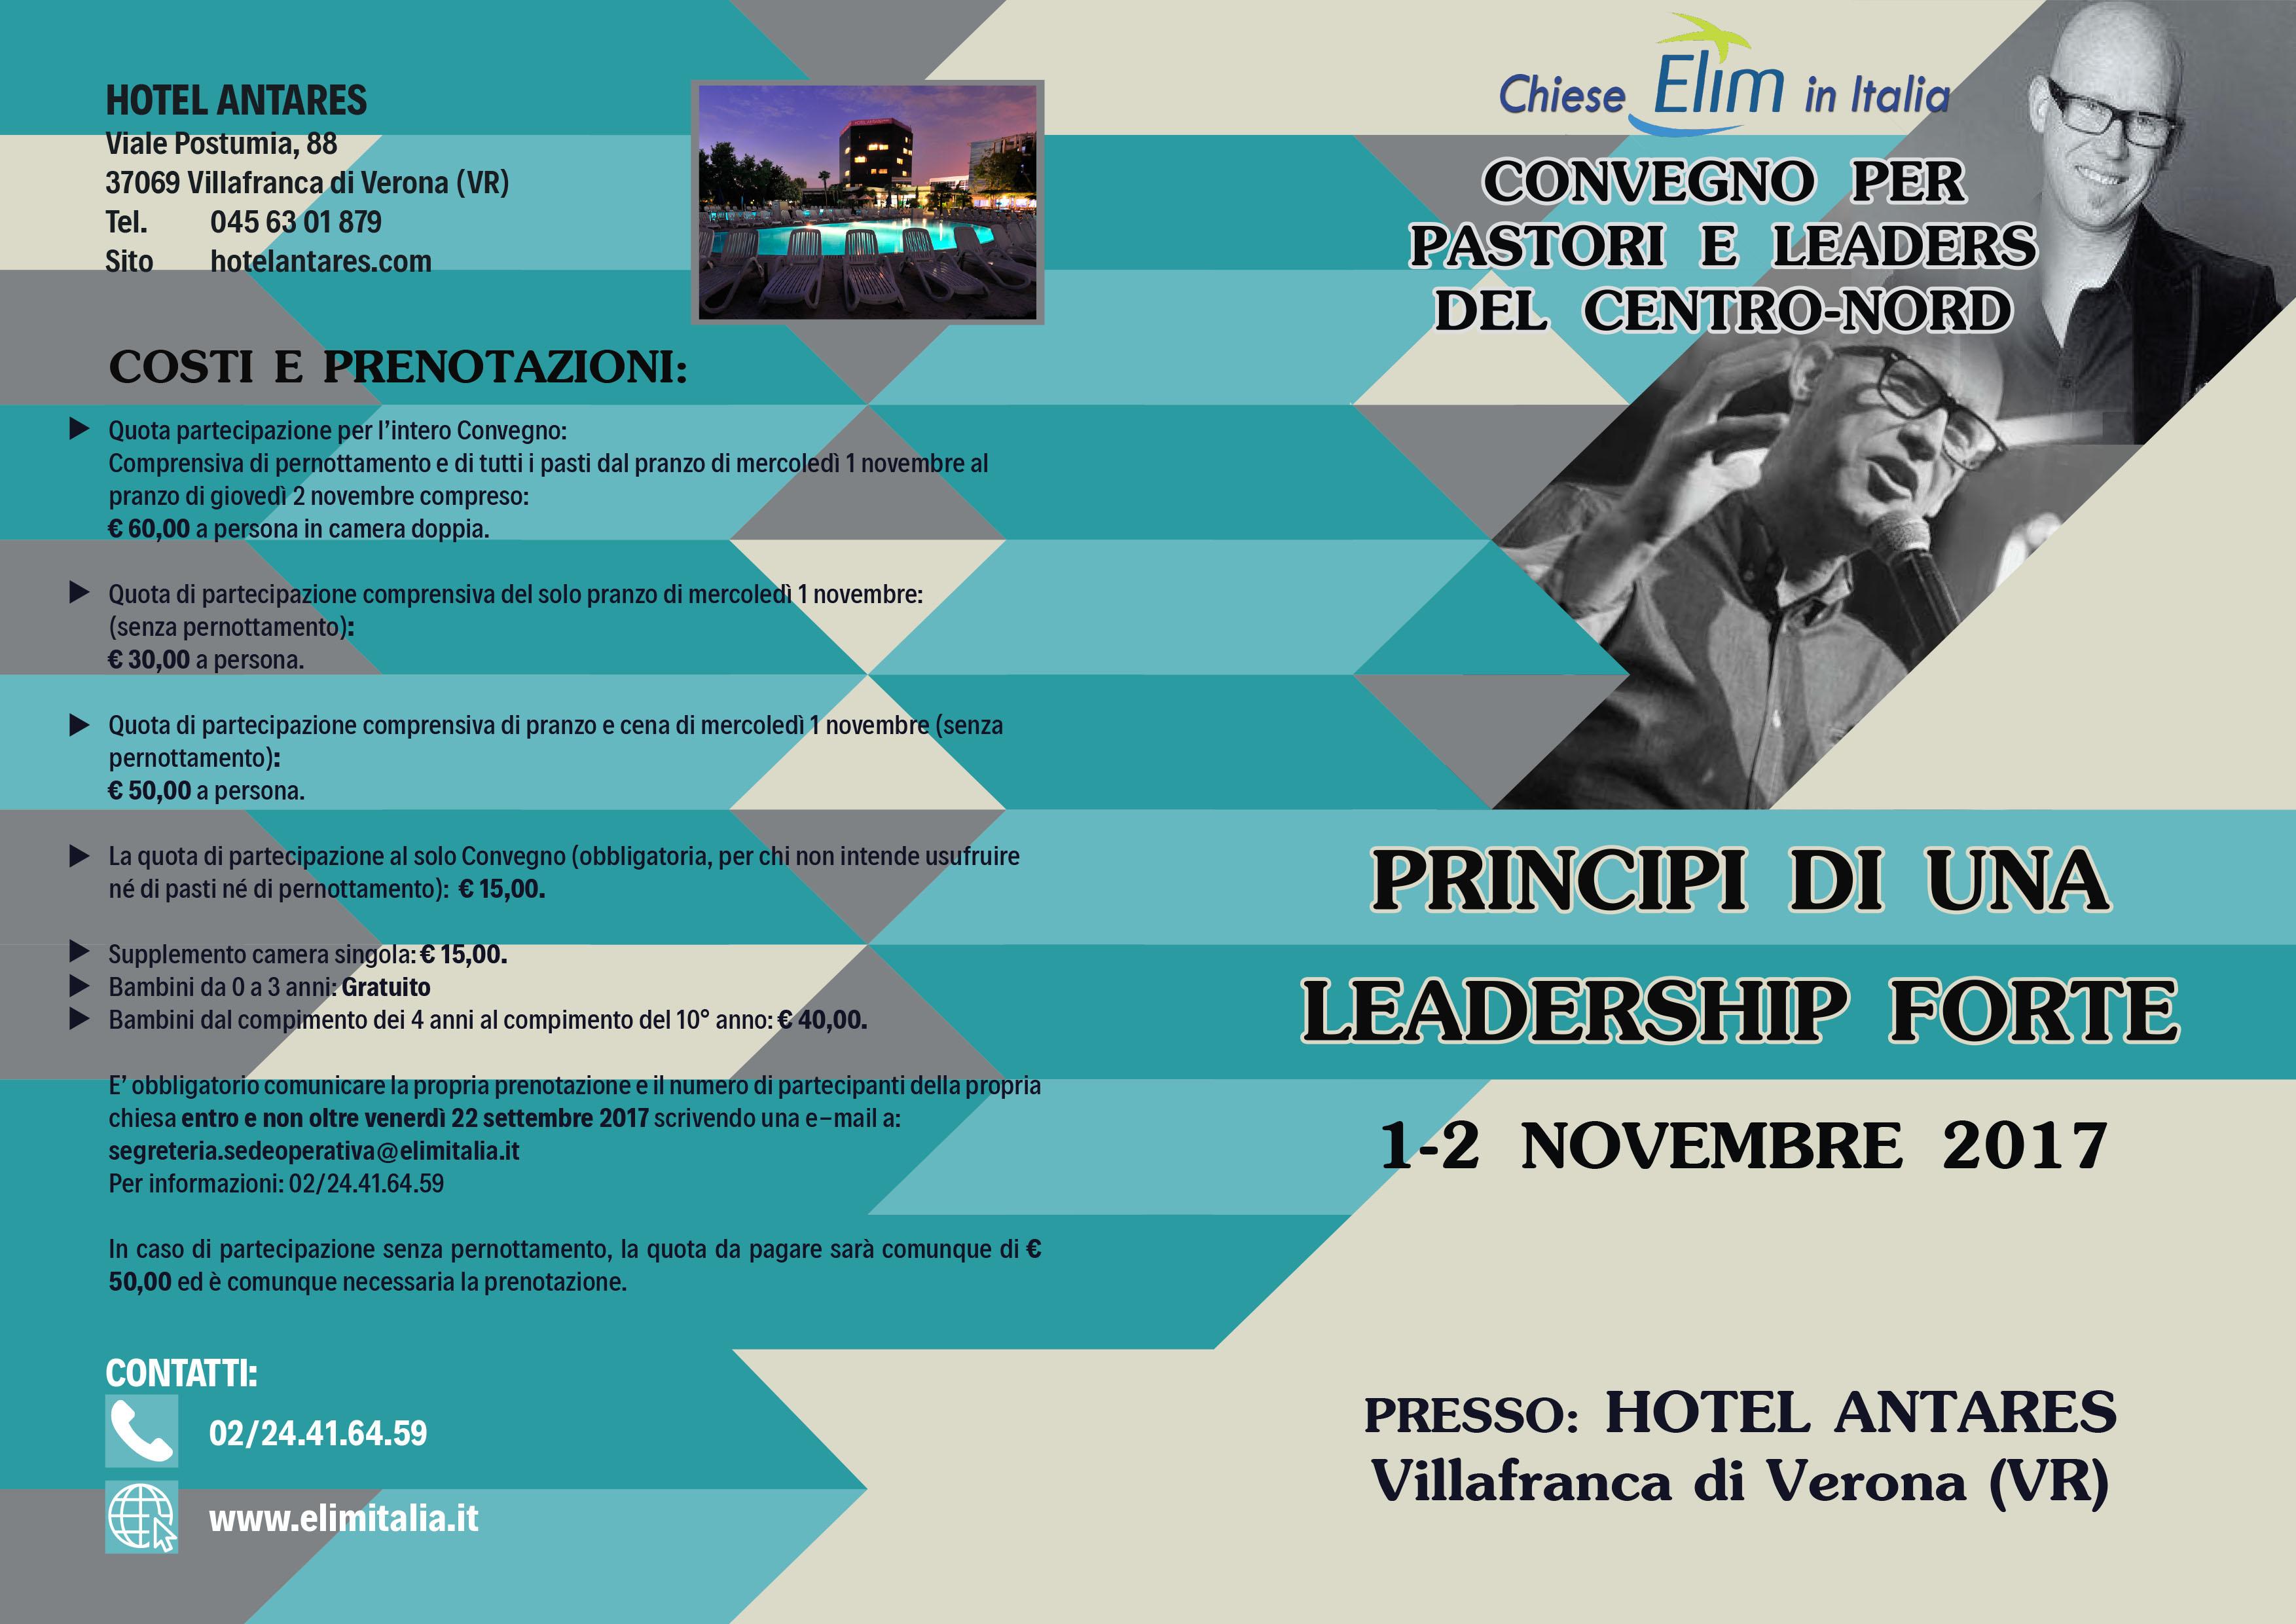 Convegno per pastori e leaders del Centro-Nord – Villafranca di Verona, 1-2 novembre 2017